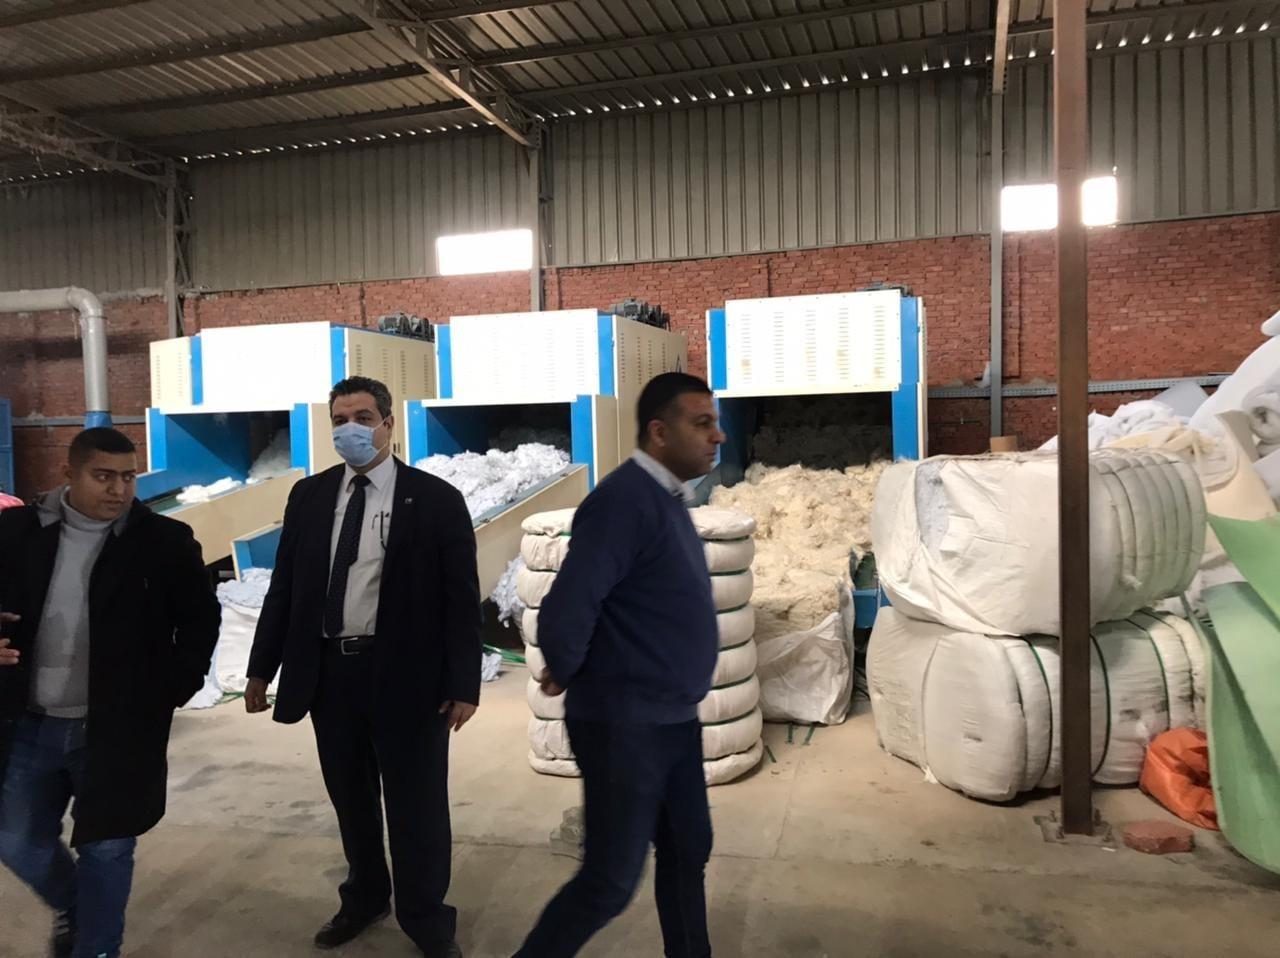 تحديث الصناعة يبحث مشكلات صناعة الكتان والنسيج مع المصنعين في الغربية والقليوبية